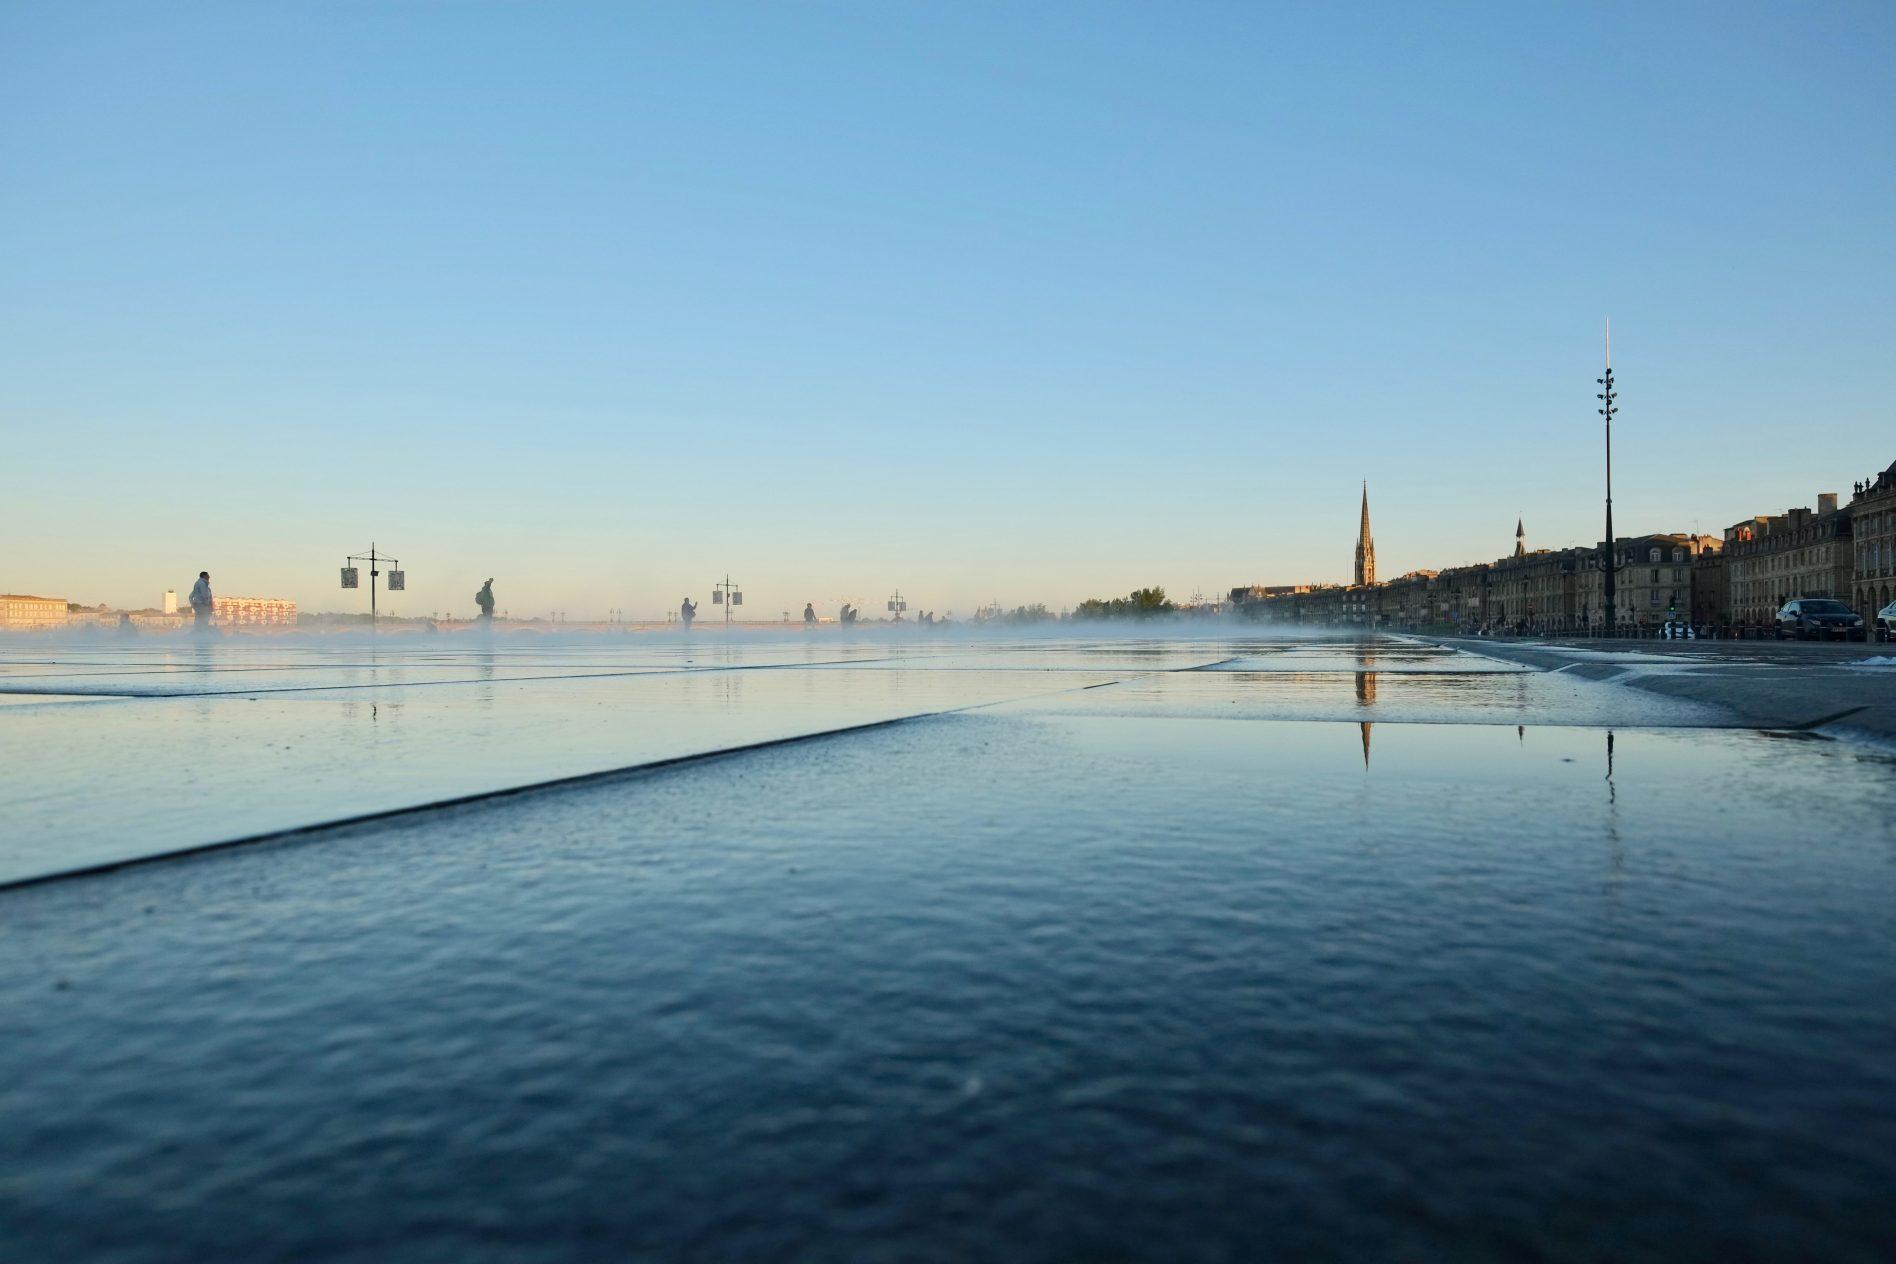 La place du miroir d'eau à Bordeaux